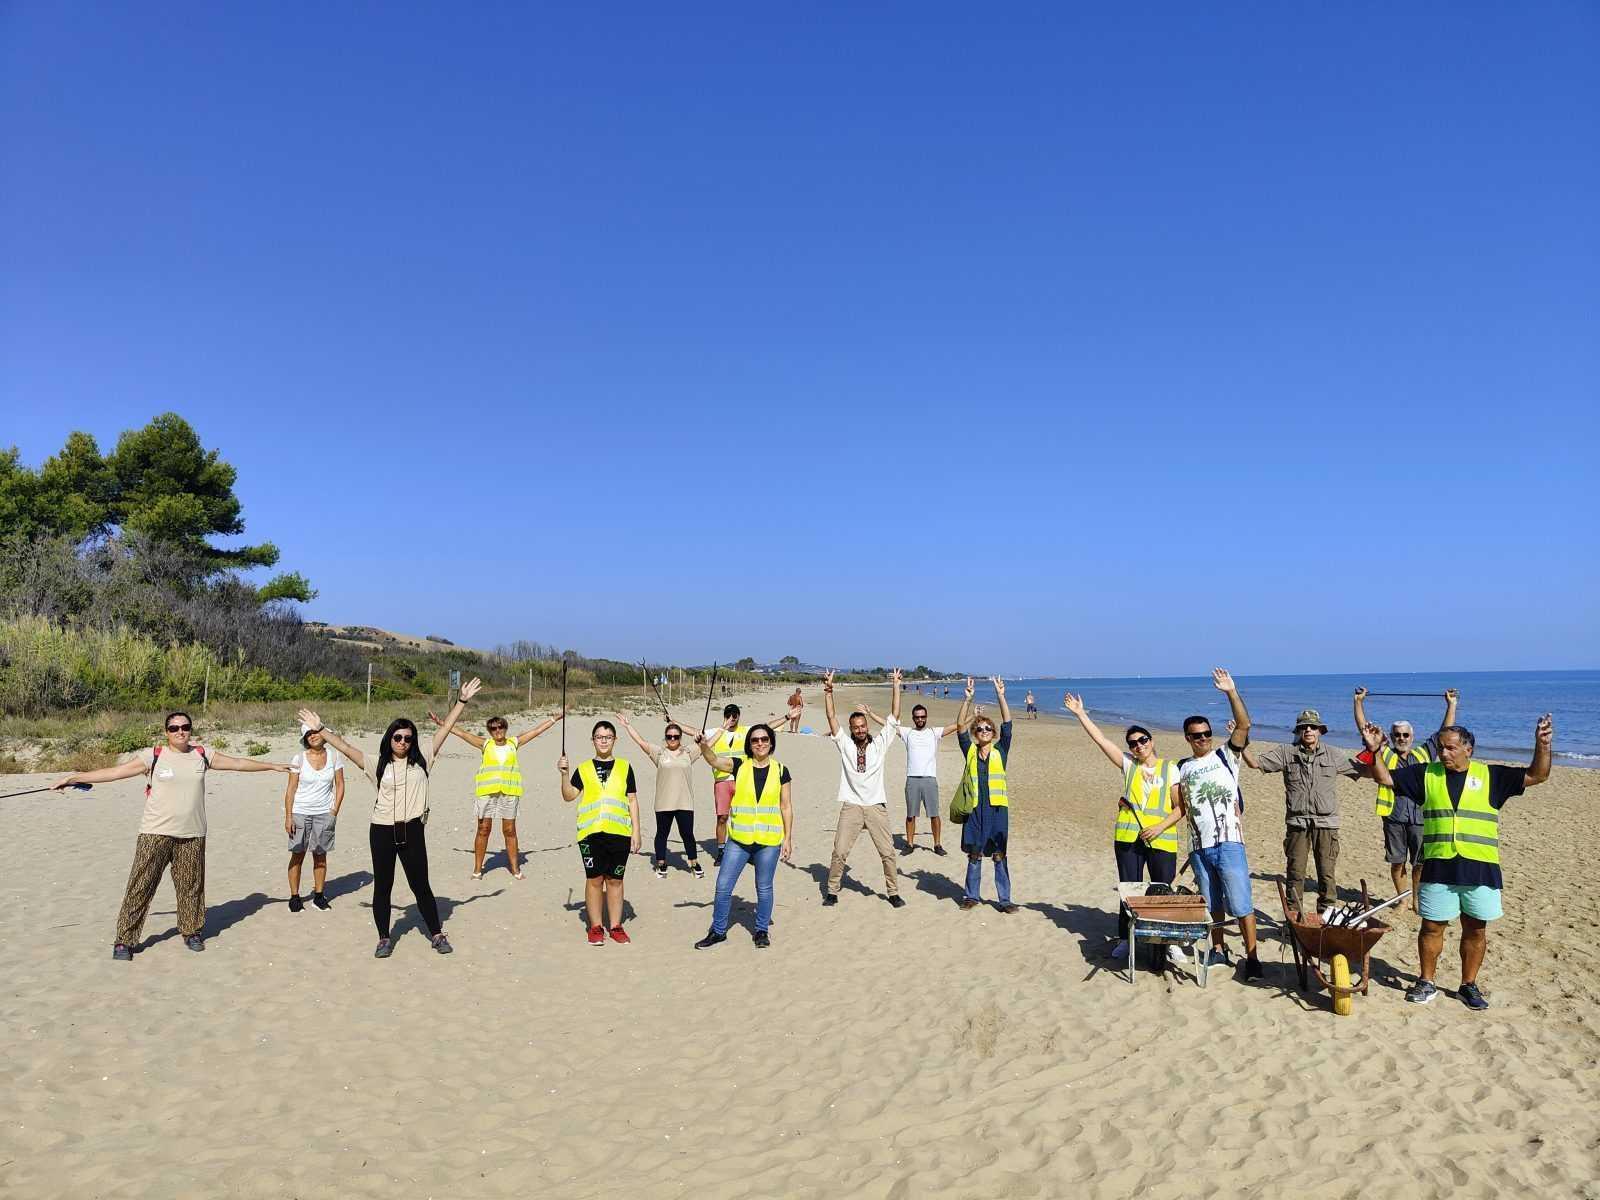 foto-|-borsacchio,-ripiantumata-la-duna-con-specie-autoctone:-rimedio-naturale-contro-erosione-costiera